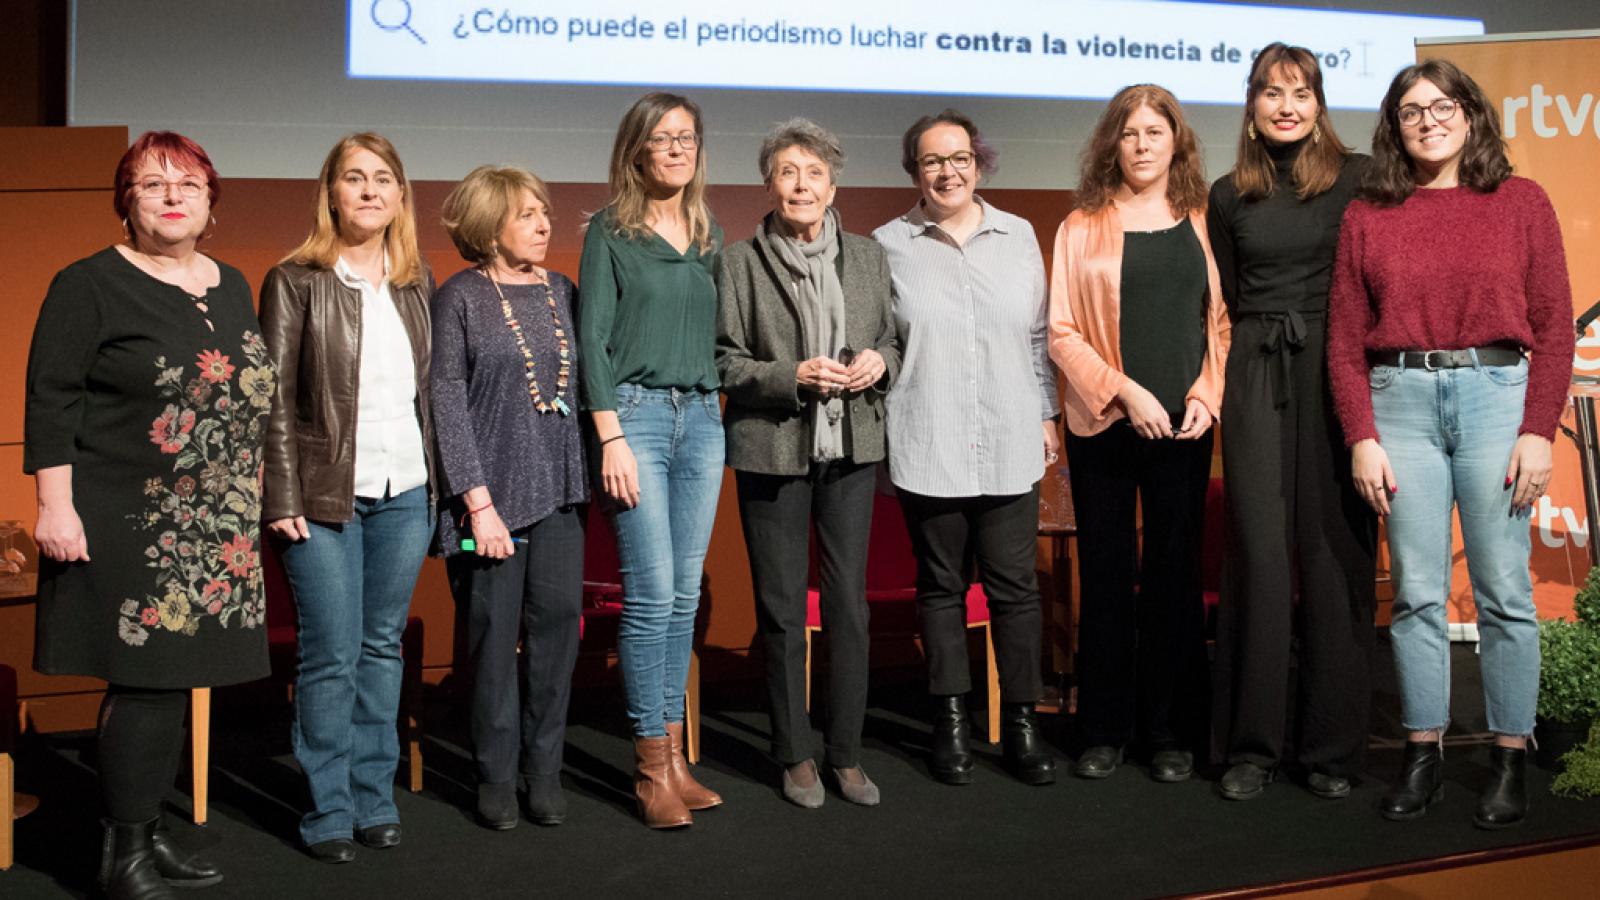 ¿Cómo puede el periodismo luchar contra la violencia de género?